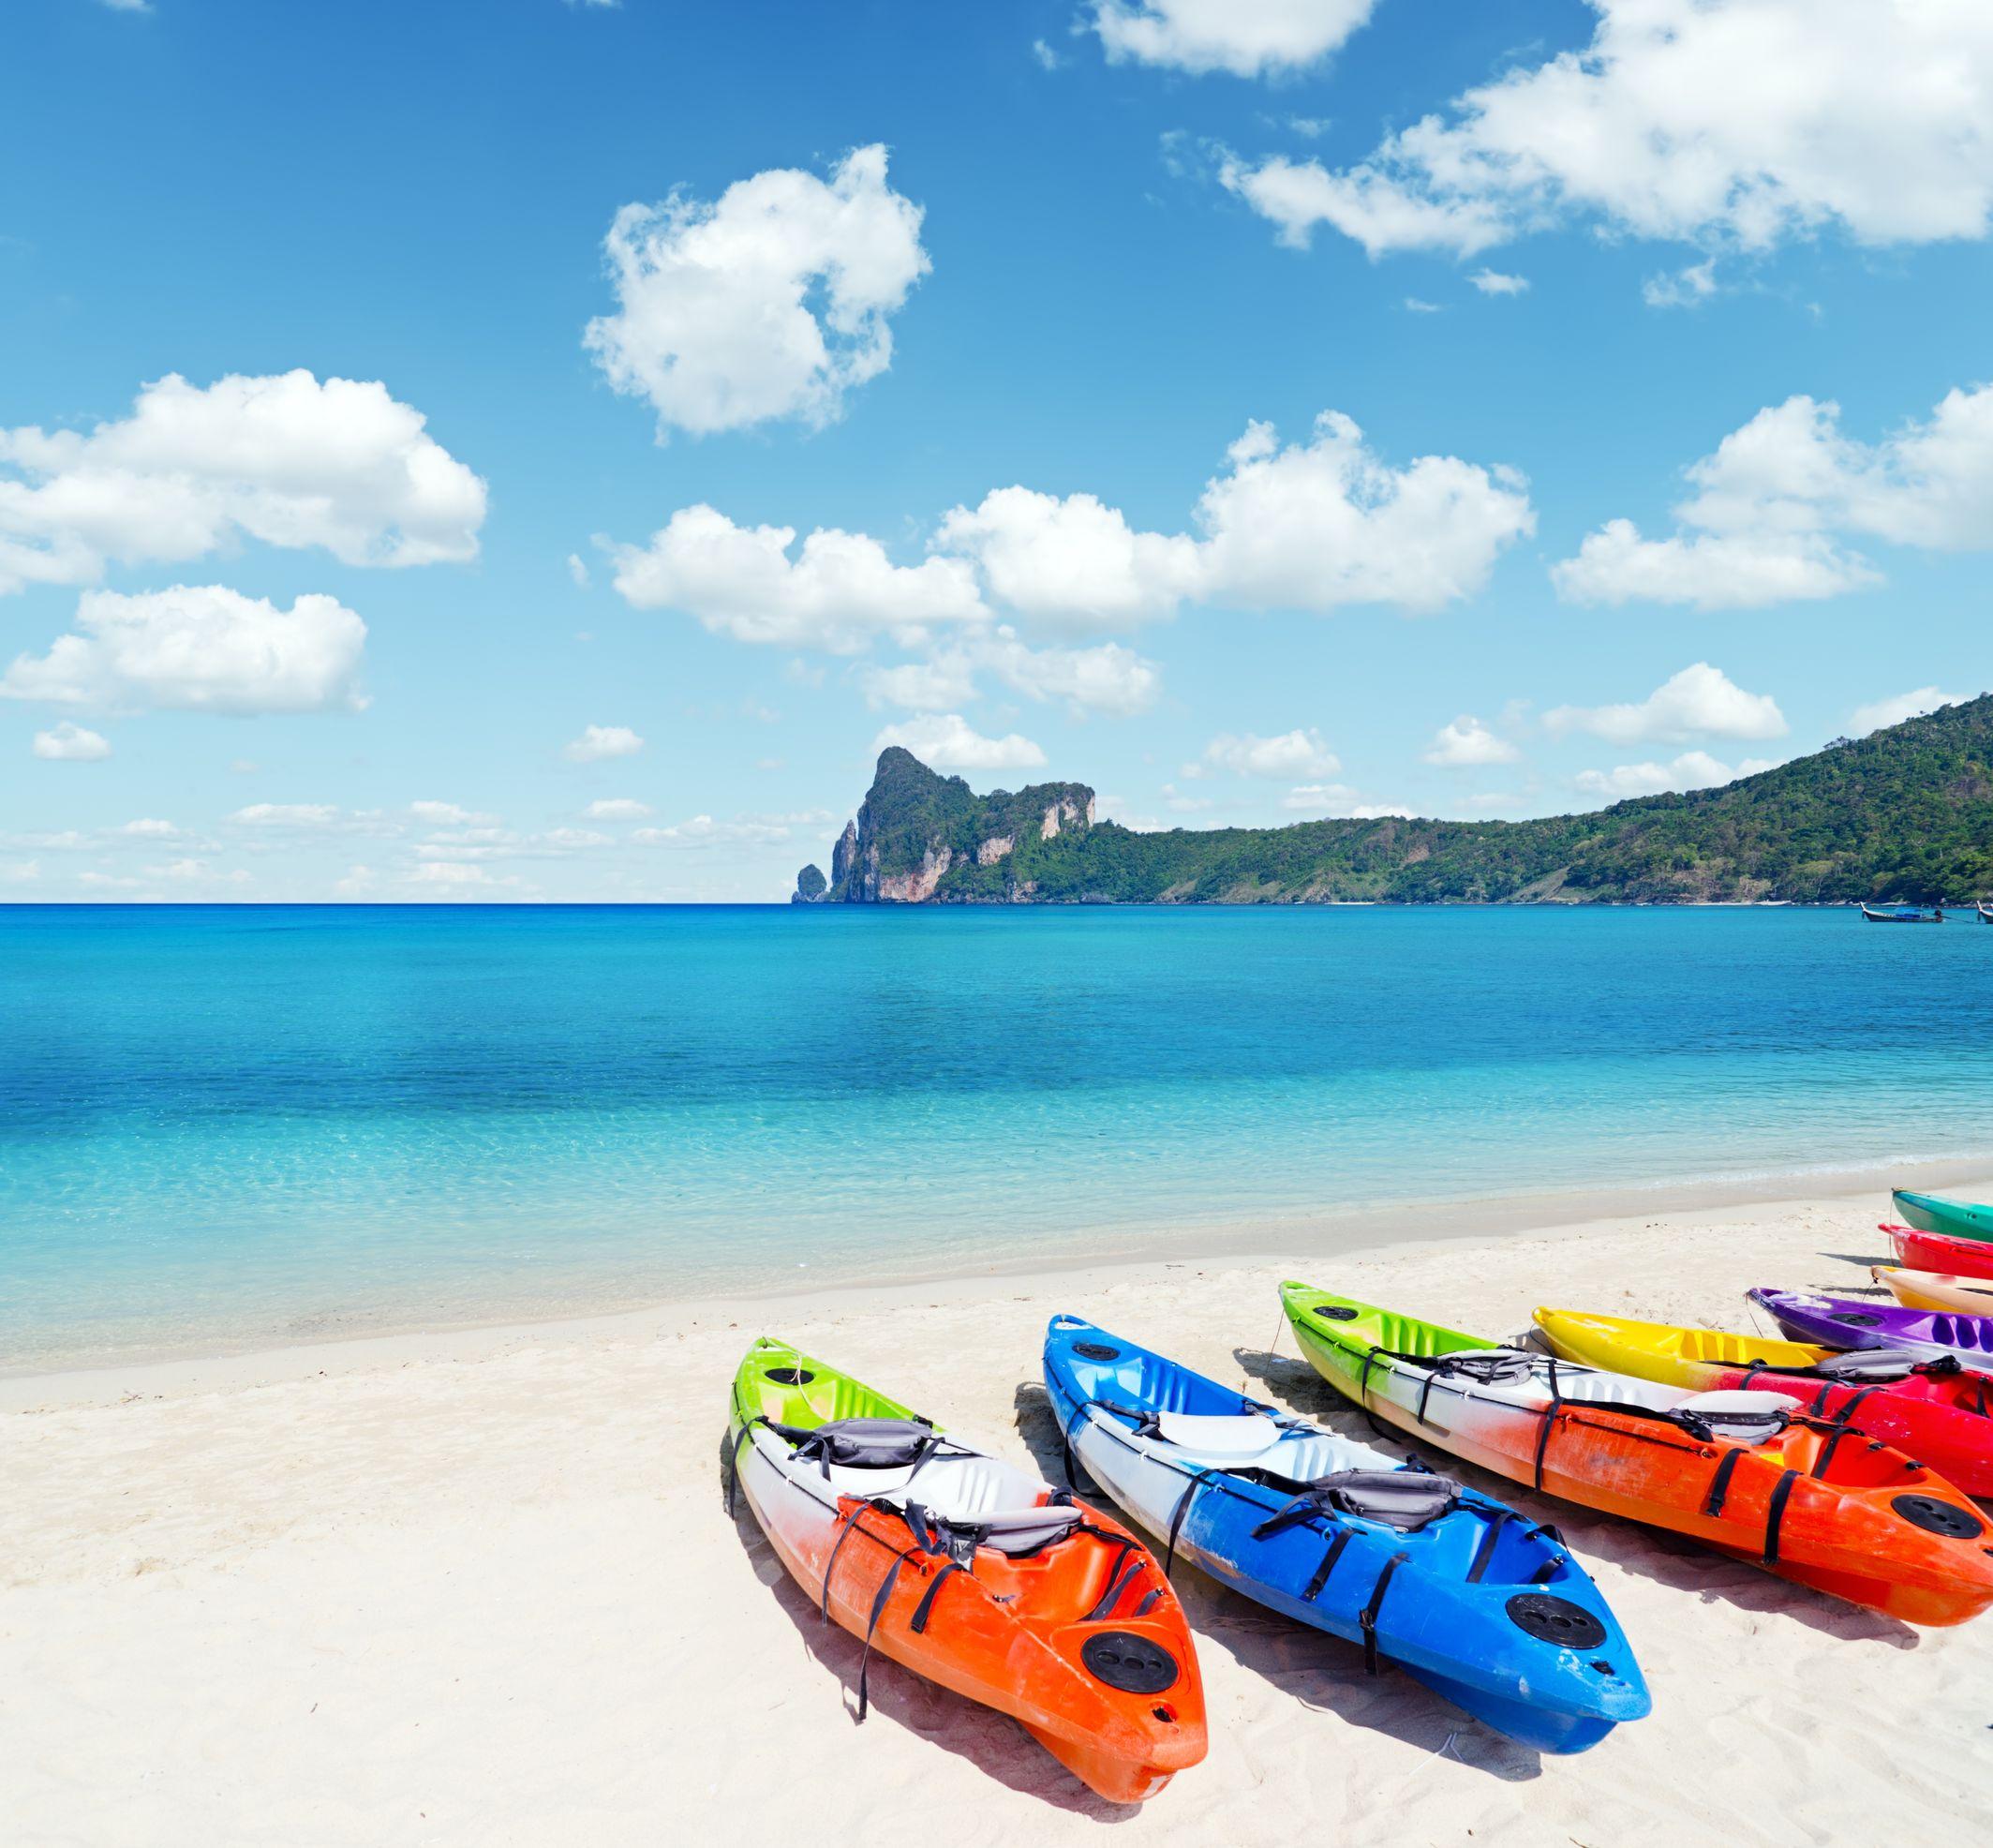 australia kayaks on the beach 123rf